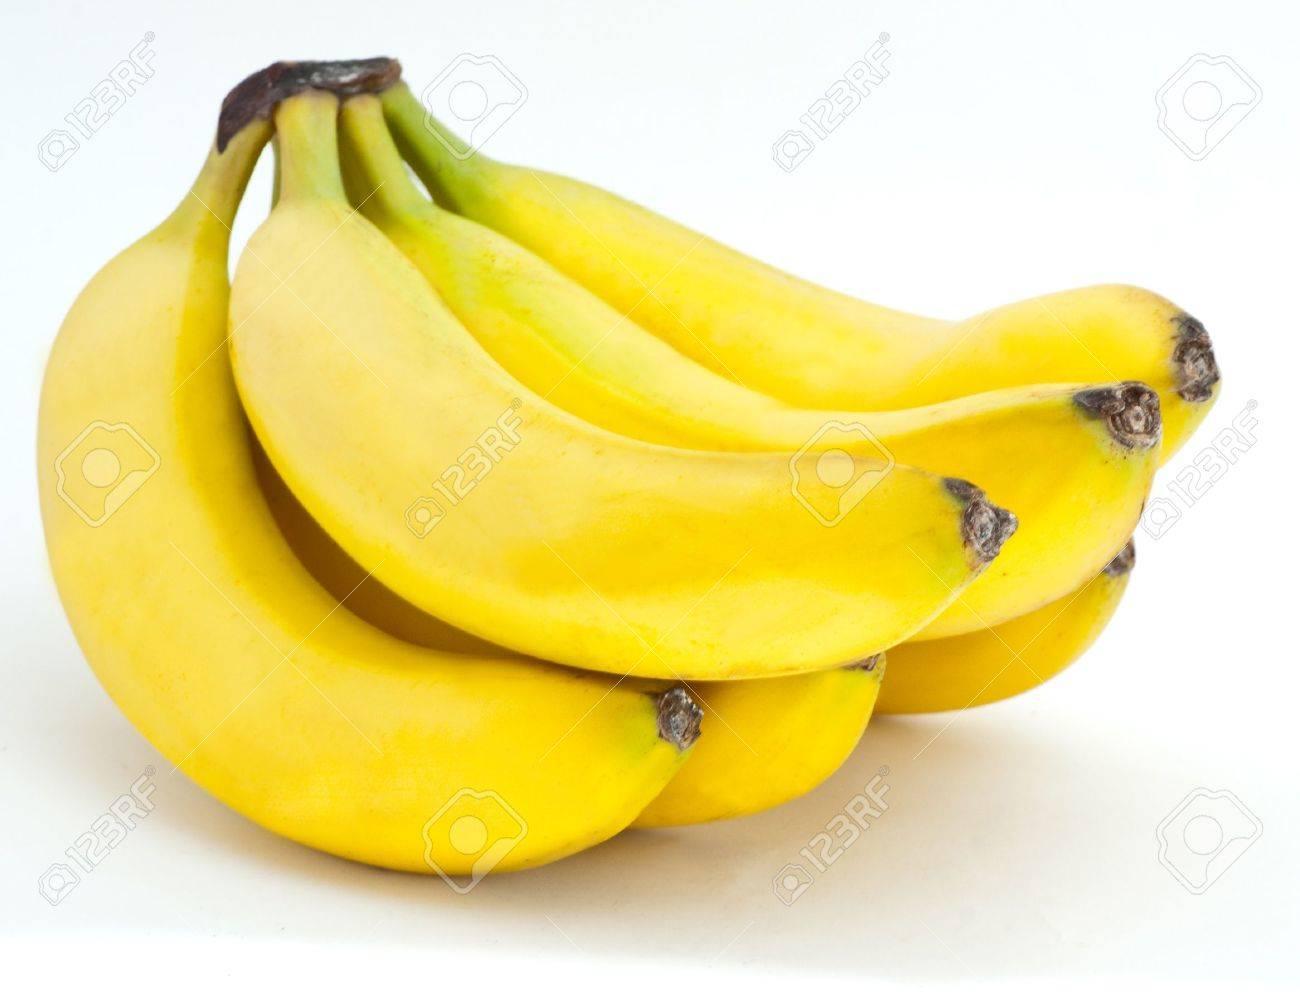 banana Stock Photo - 7347049